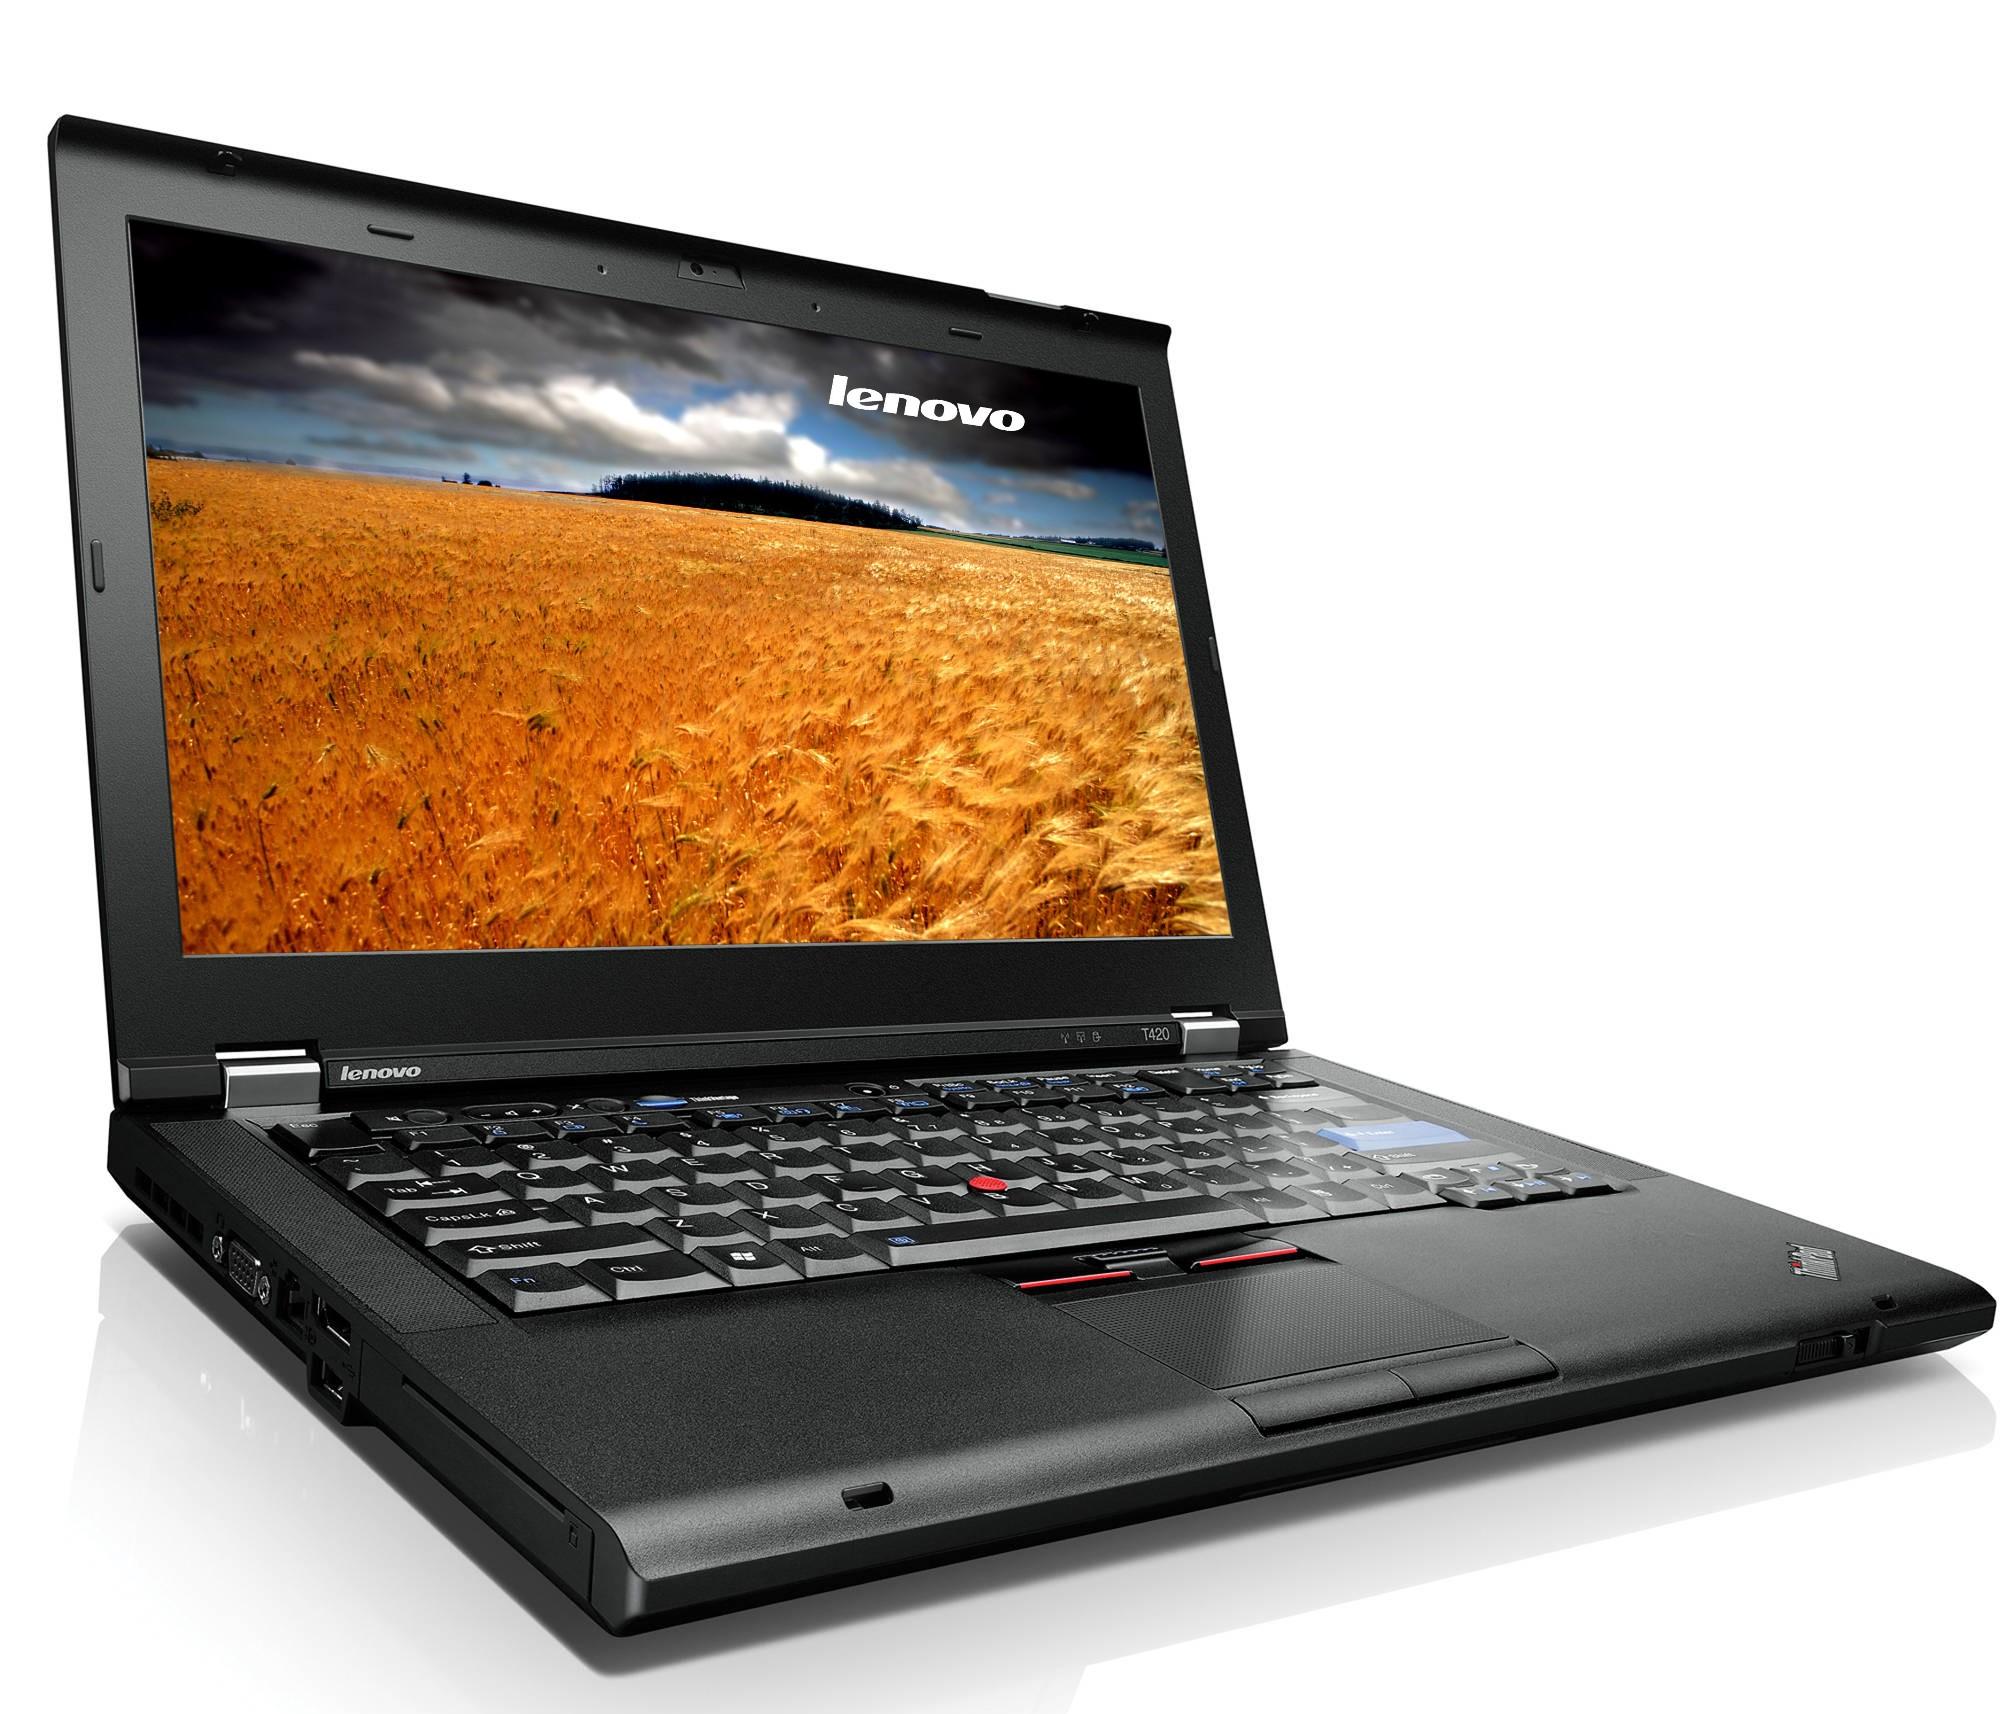 Lenovo ThinkPad T420